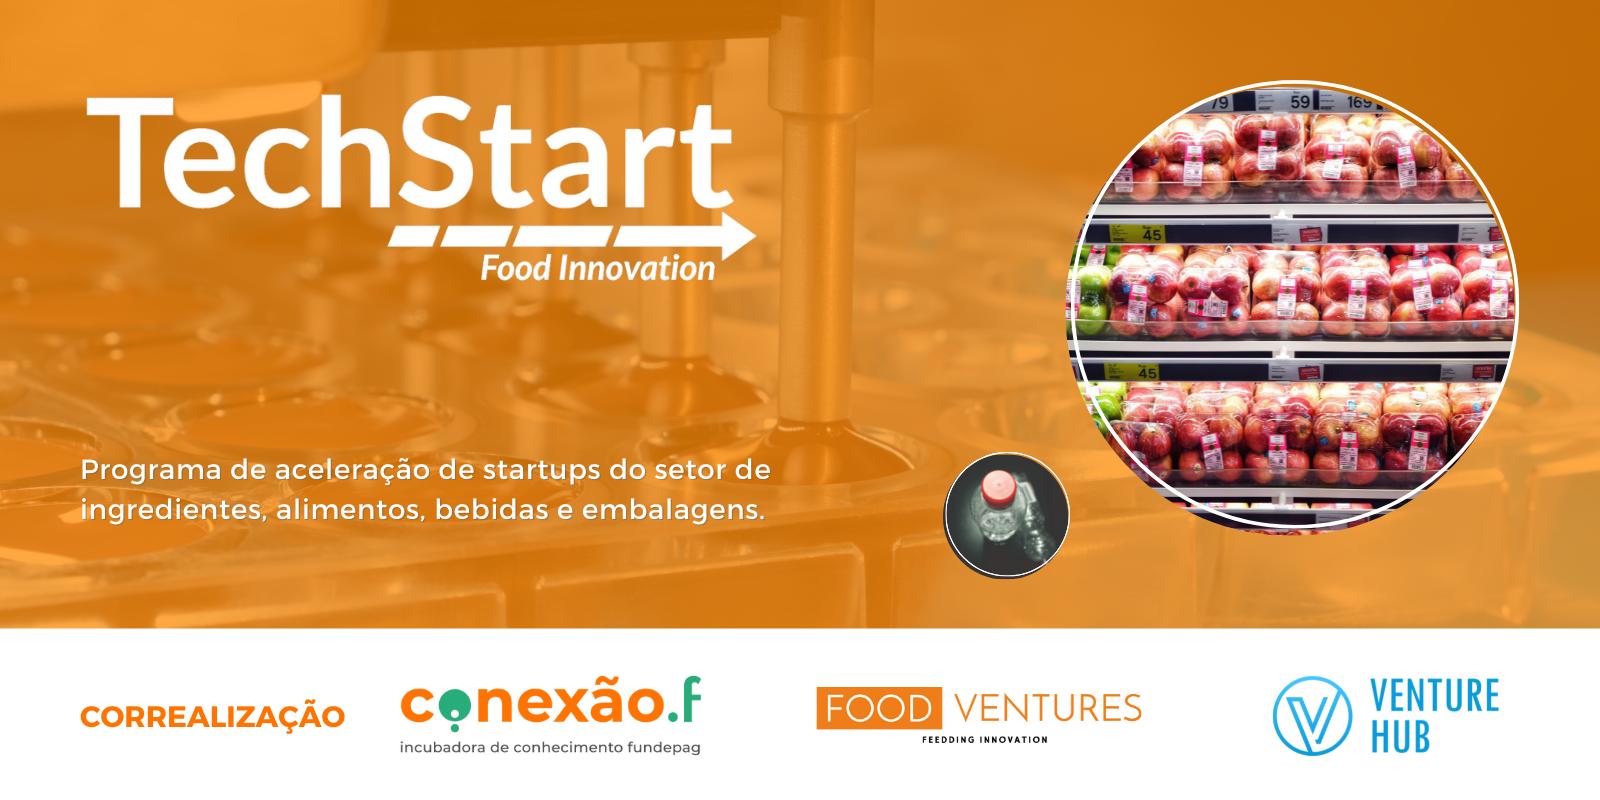 Imagem: Techstart Food Innovation concluiu a aceleração das startups selecionadas